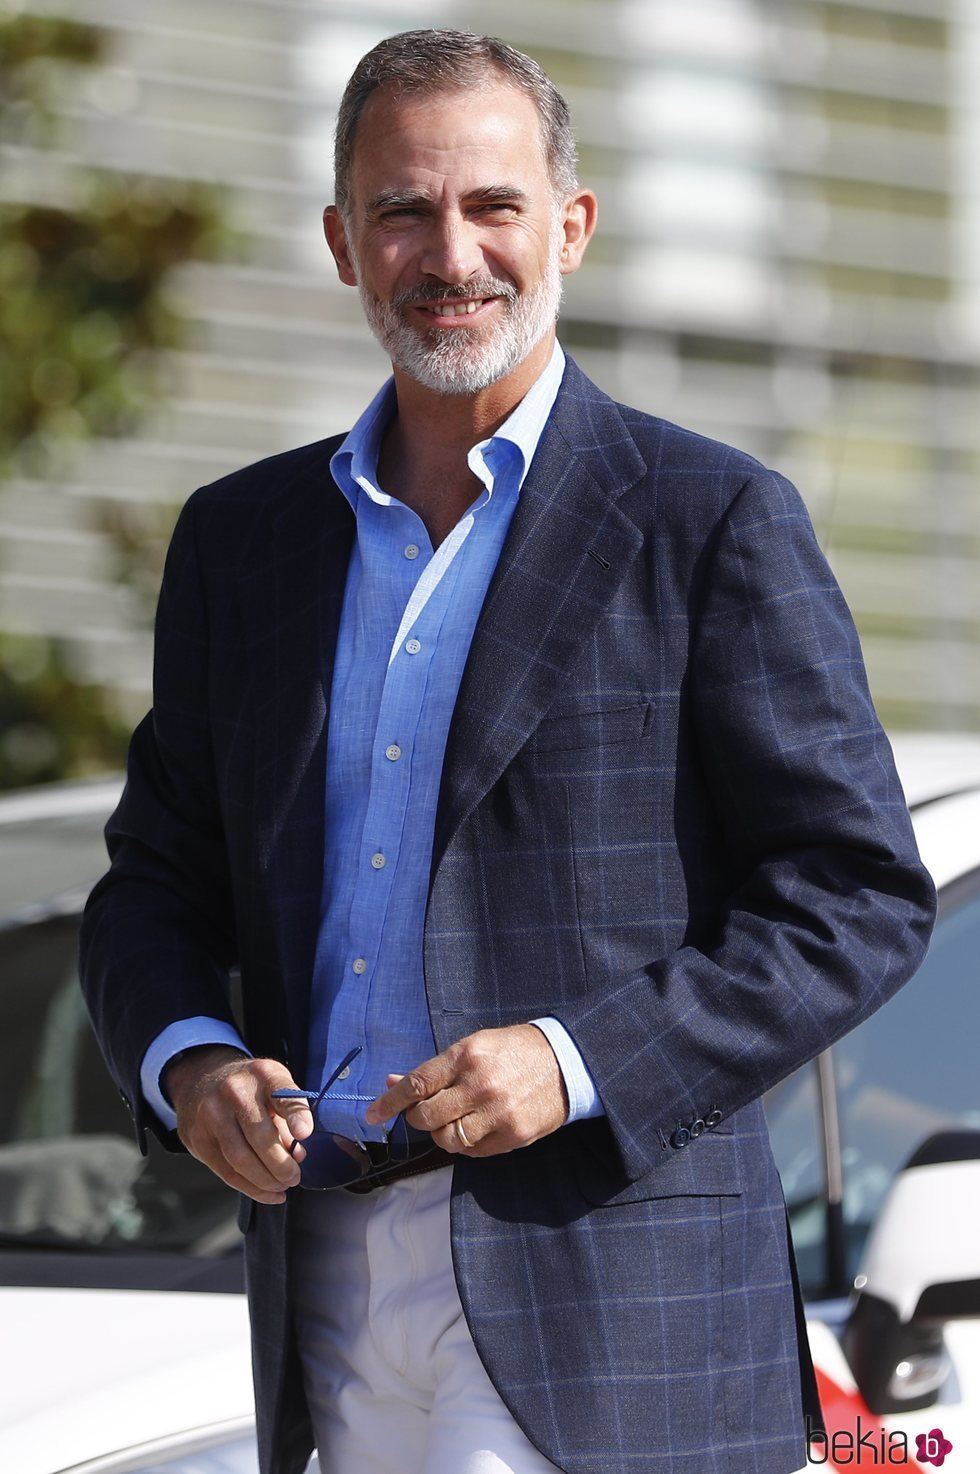 El Rey Felipe visita al Rey Juan Carlos en el hospital después de su operación de corazón